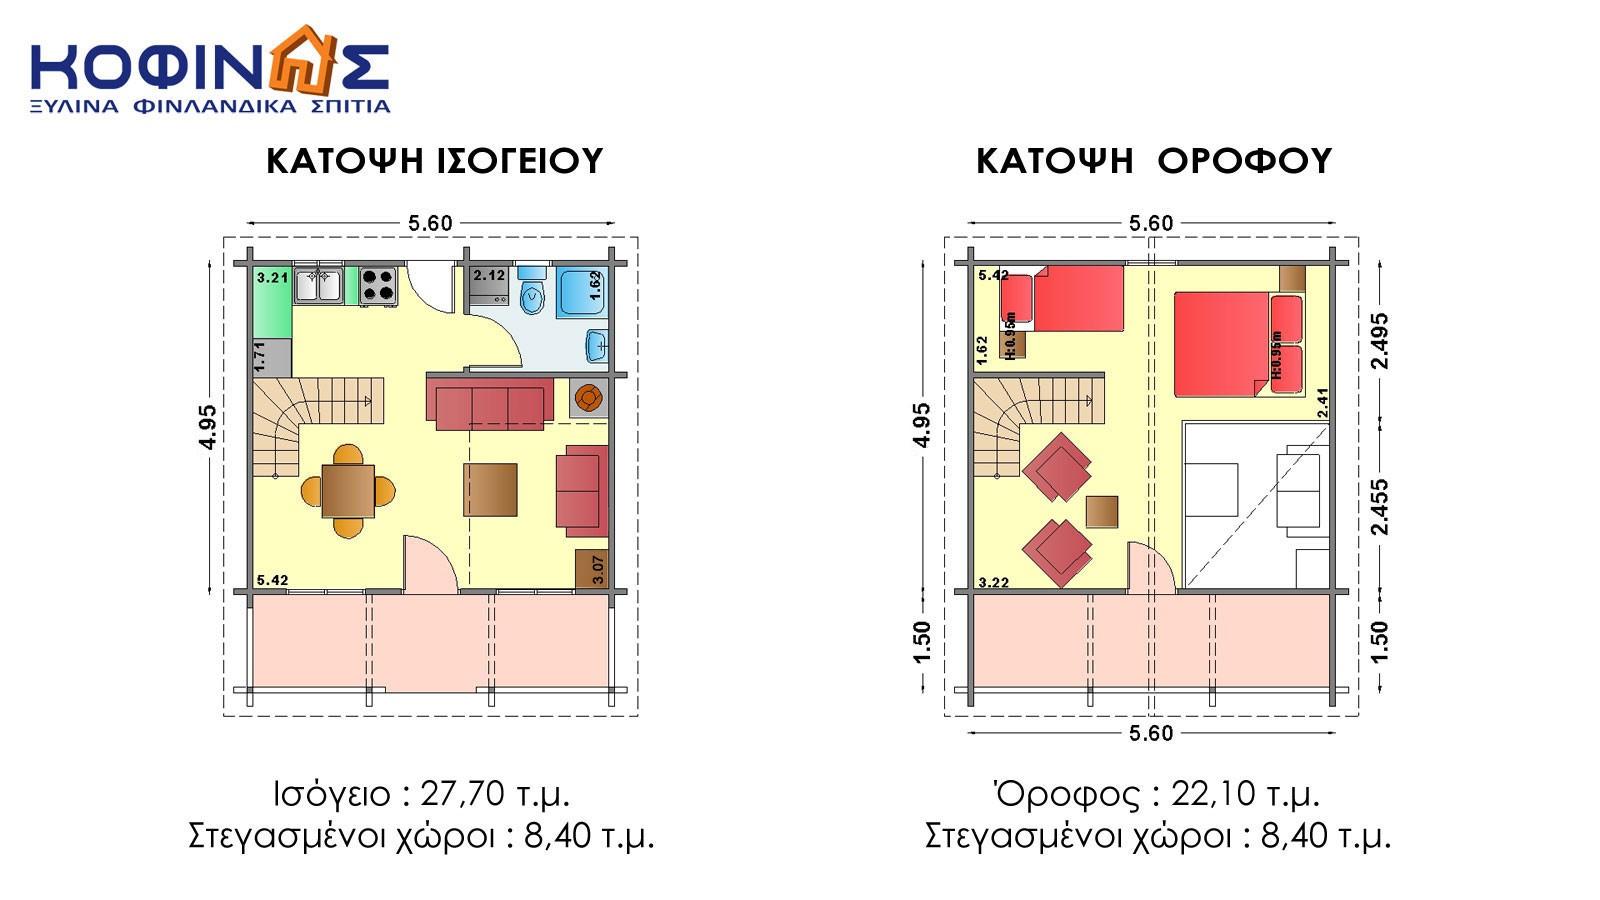 Διώροφη Ξύλινη Κατοικία XD-49, συνολικής επιφάνειας 49,80 τ.μ.